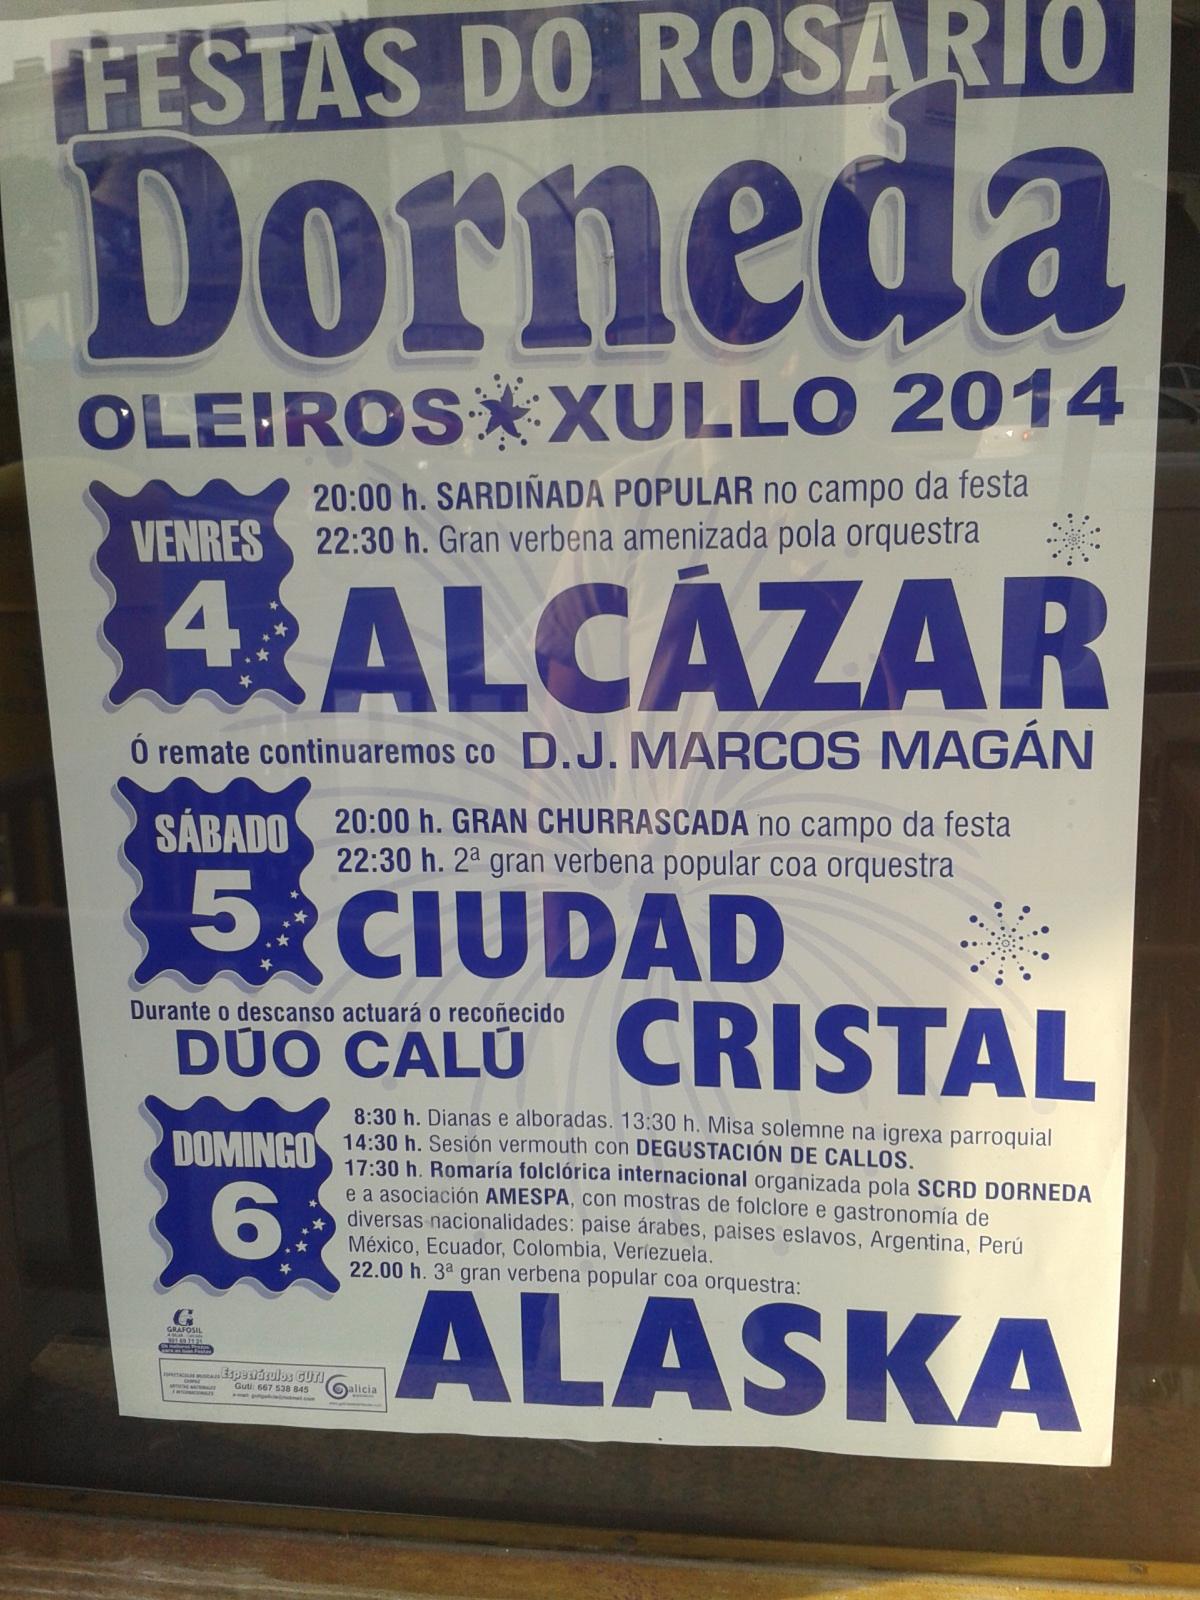 O Rosario en Dorneda